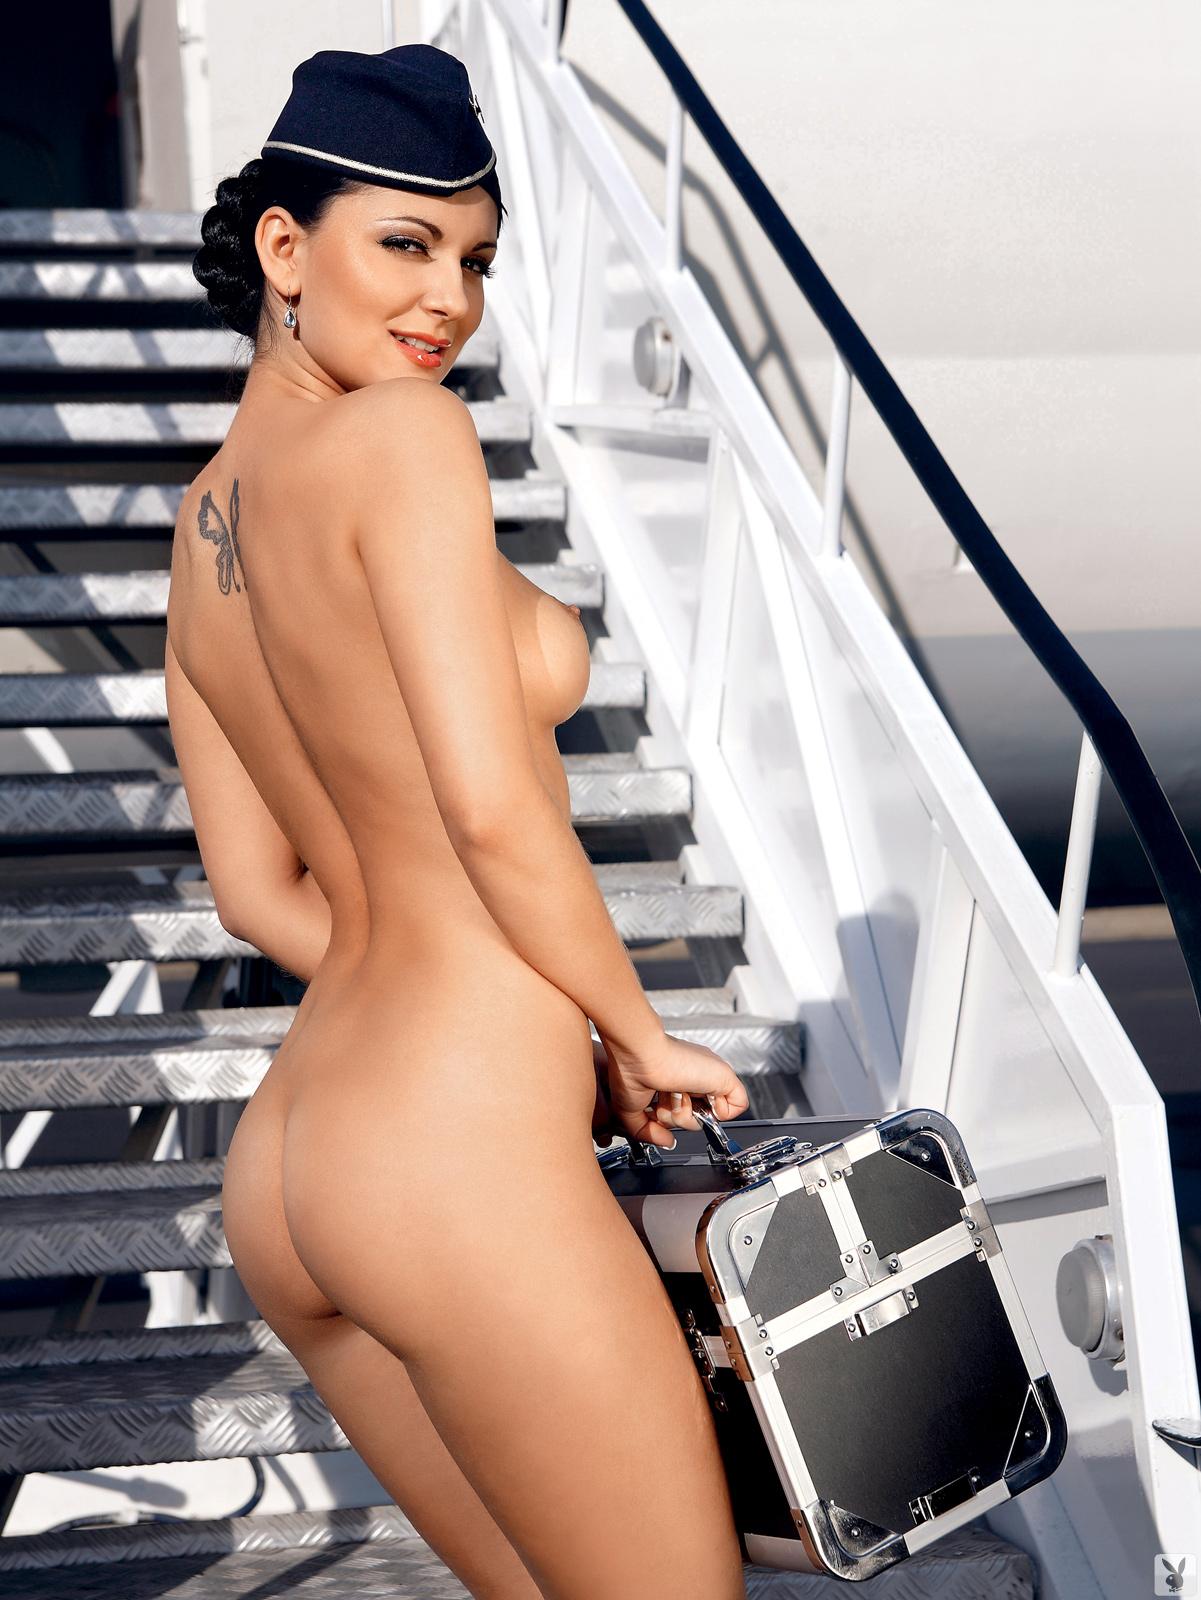 апостол стюардессы фото голые позами сильно